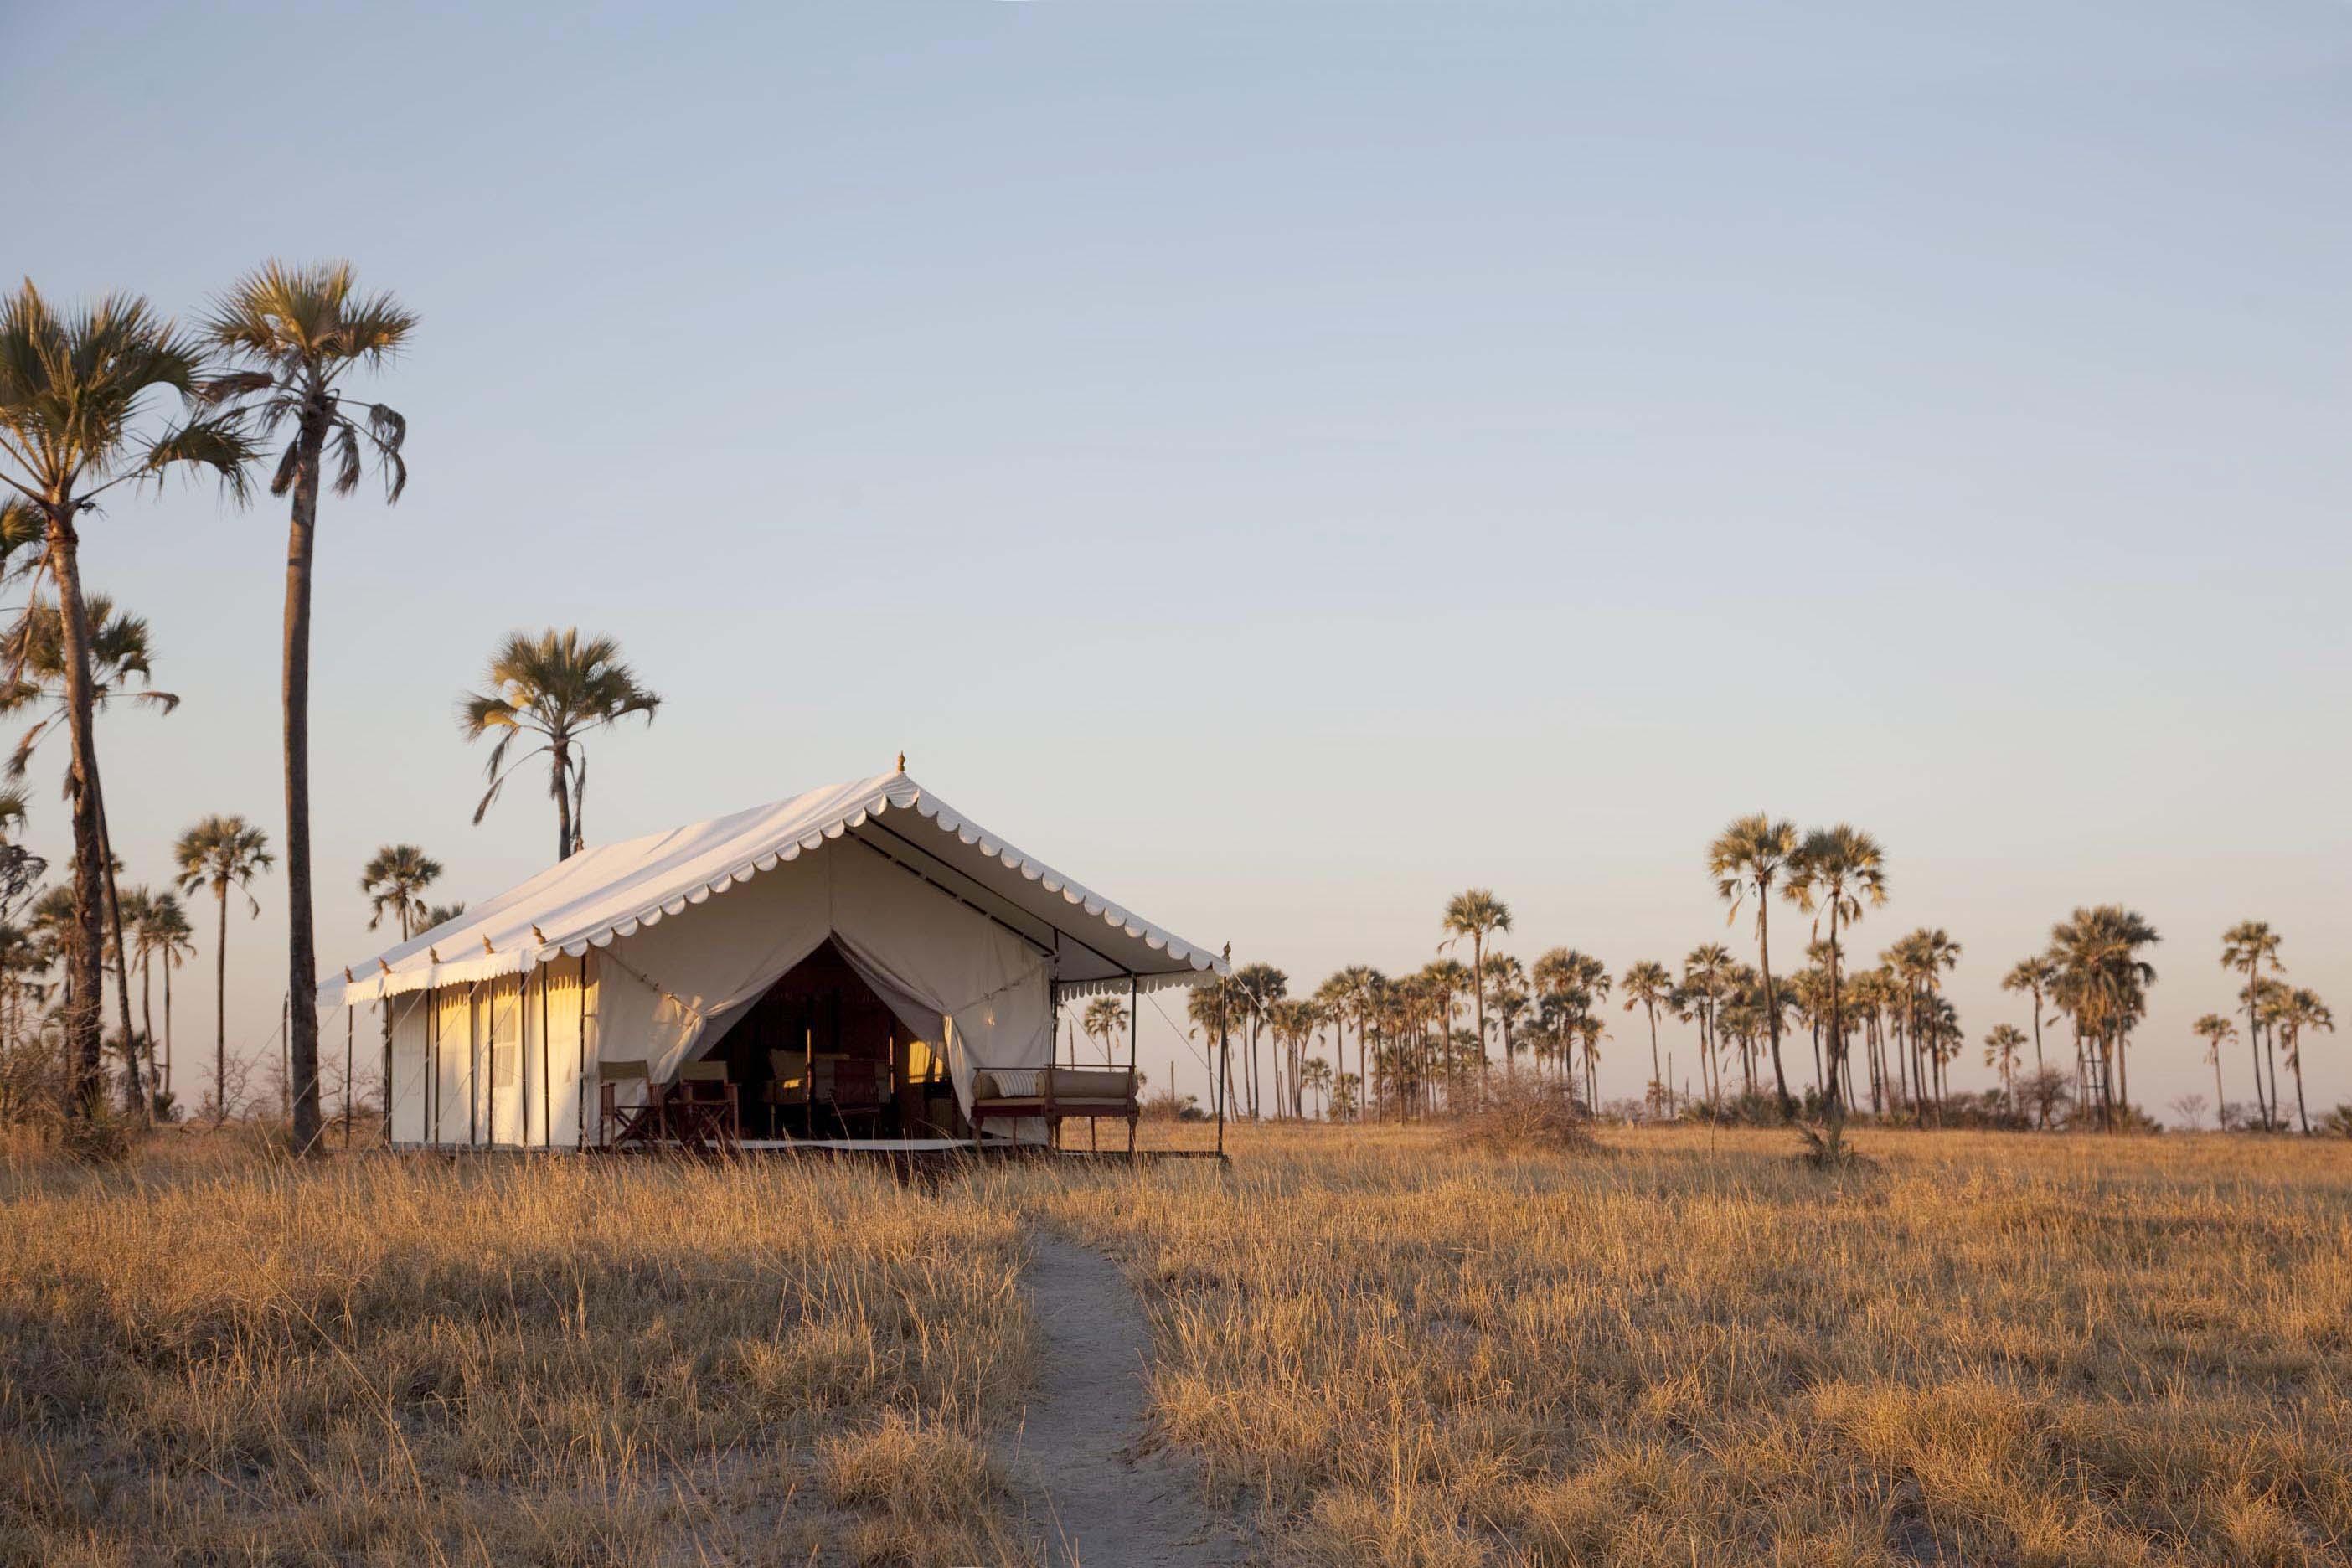 San Camp